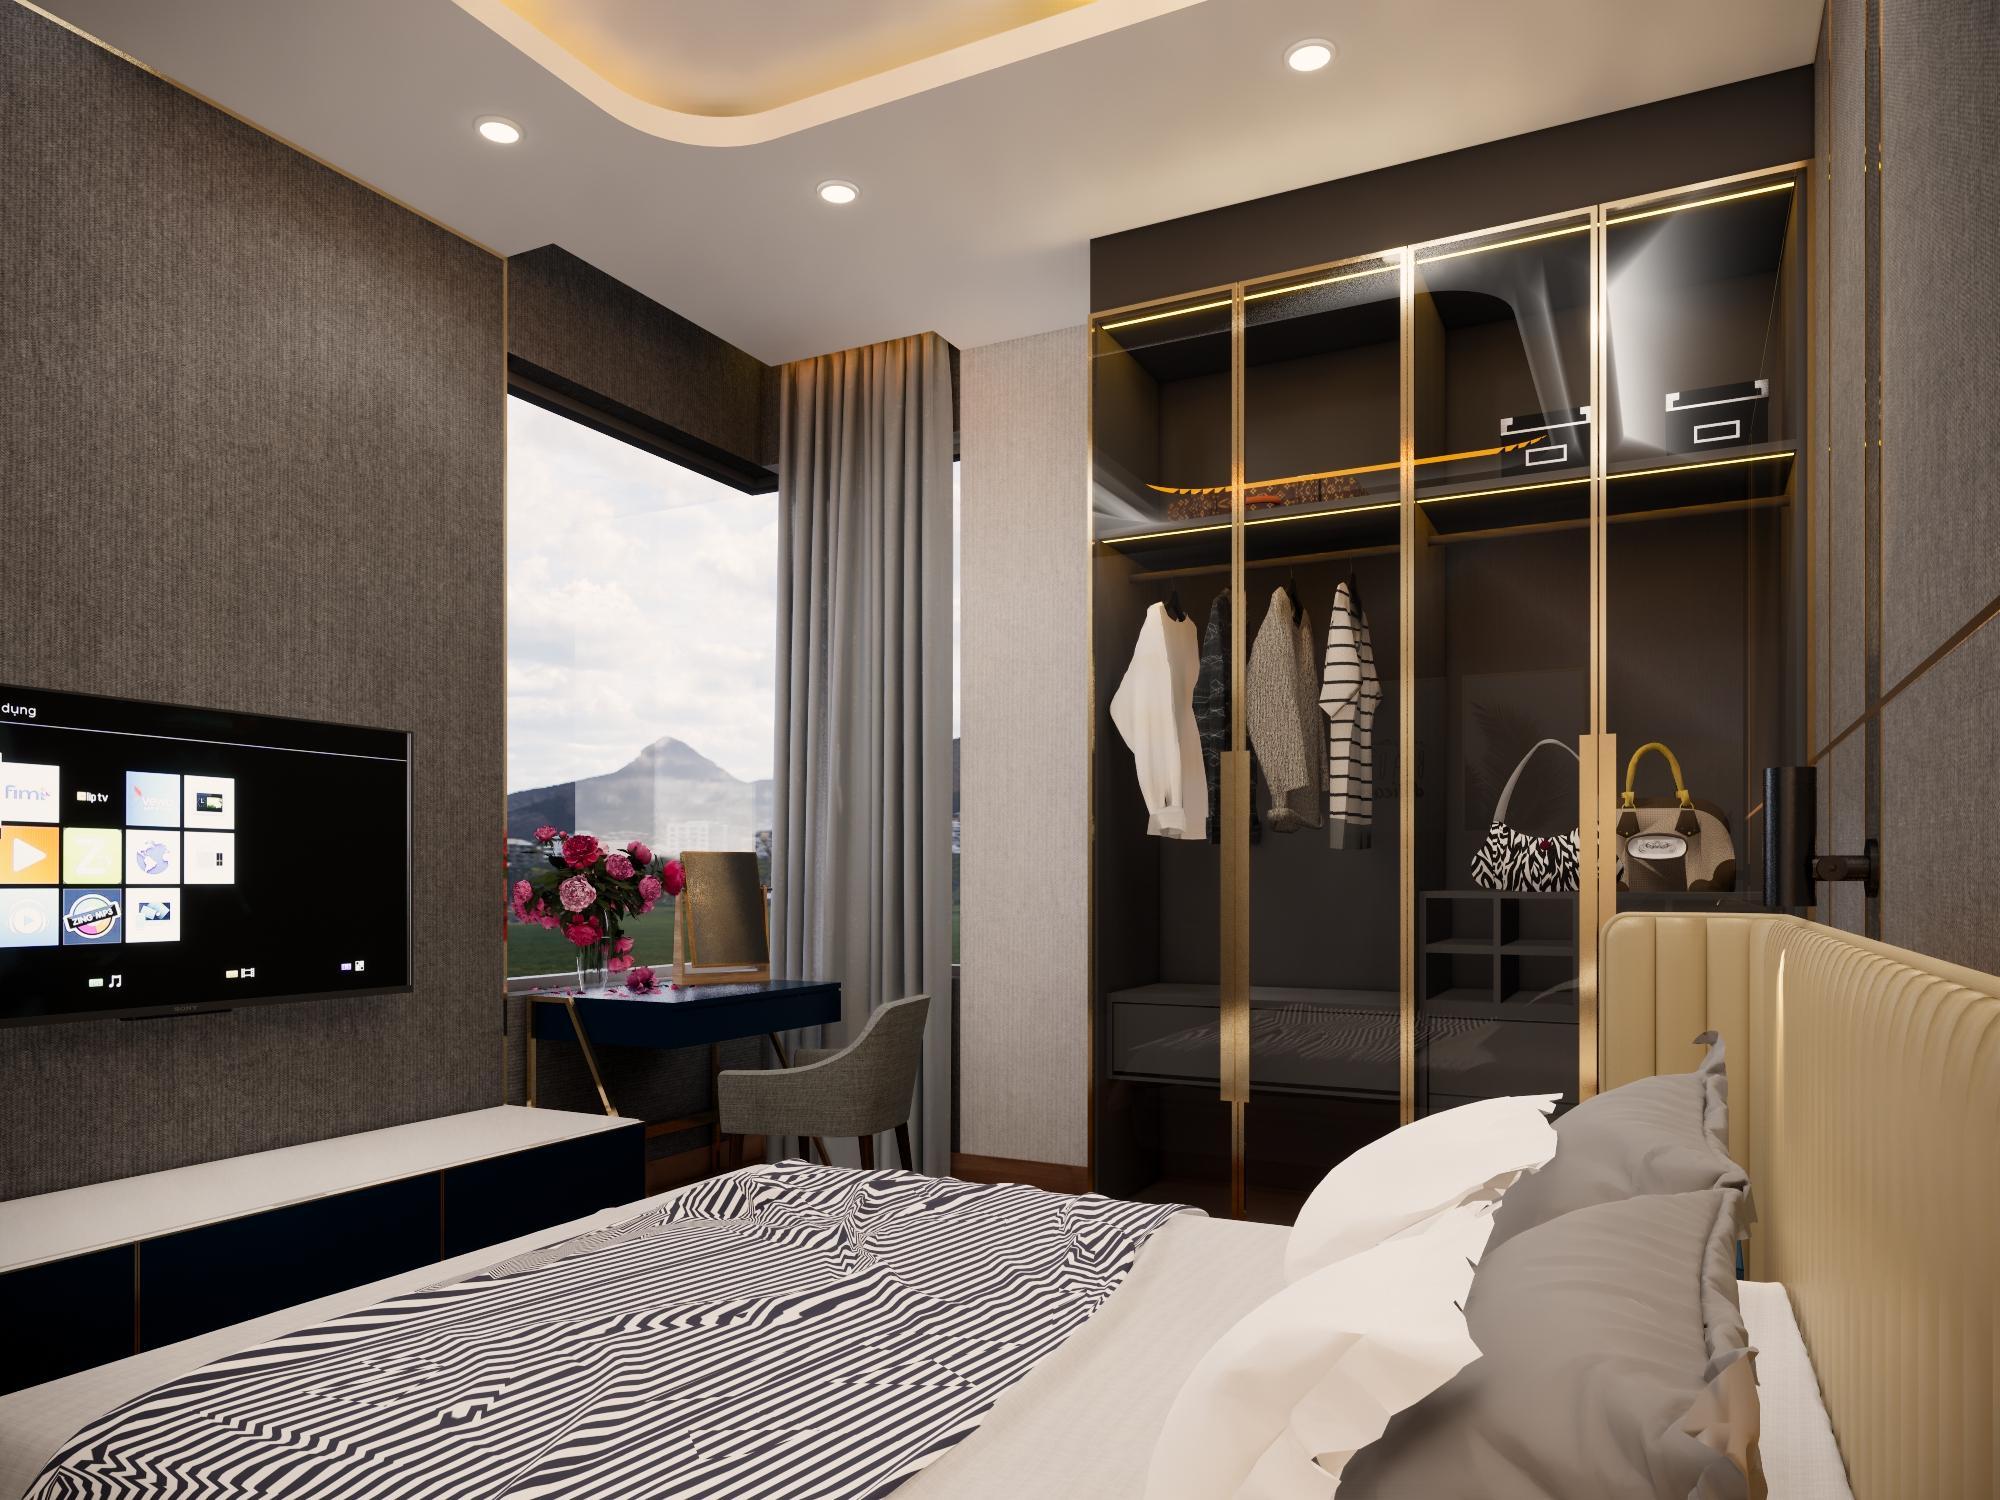 Thiết kế nội thất Nhà tại Bình Thuận NHÀ PHỐ I TRẦN THỊ PHƯƠNG LAN 1574139985 8